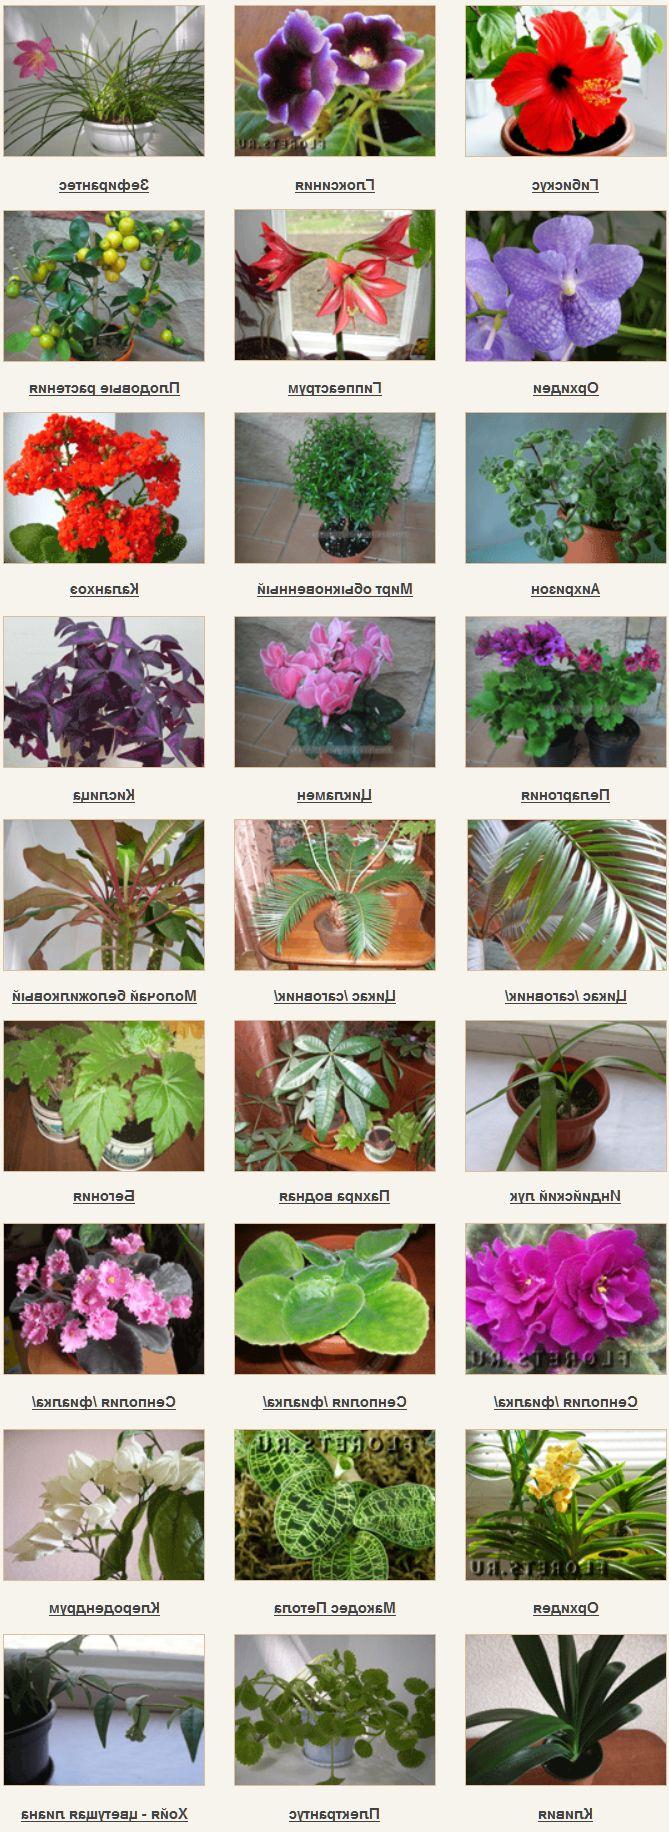 одном виды комнатных растений в картинках все о них камера